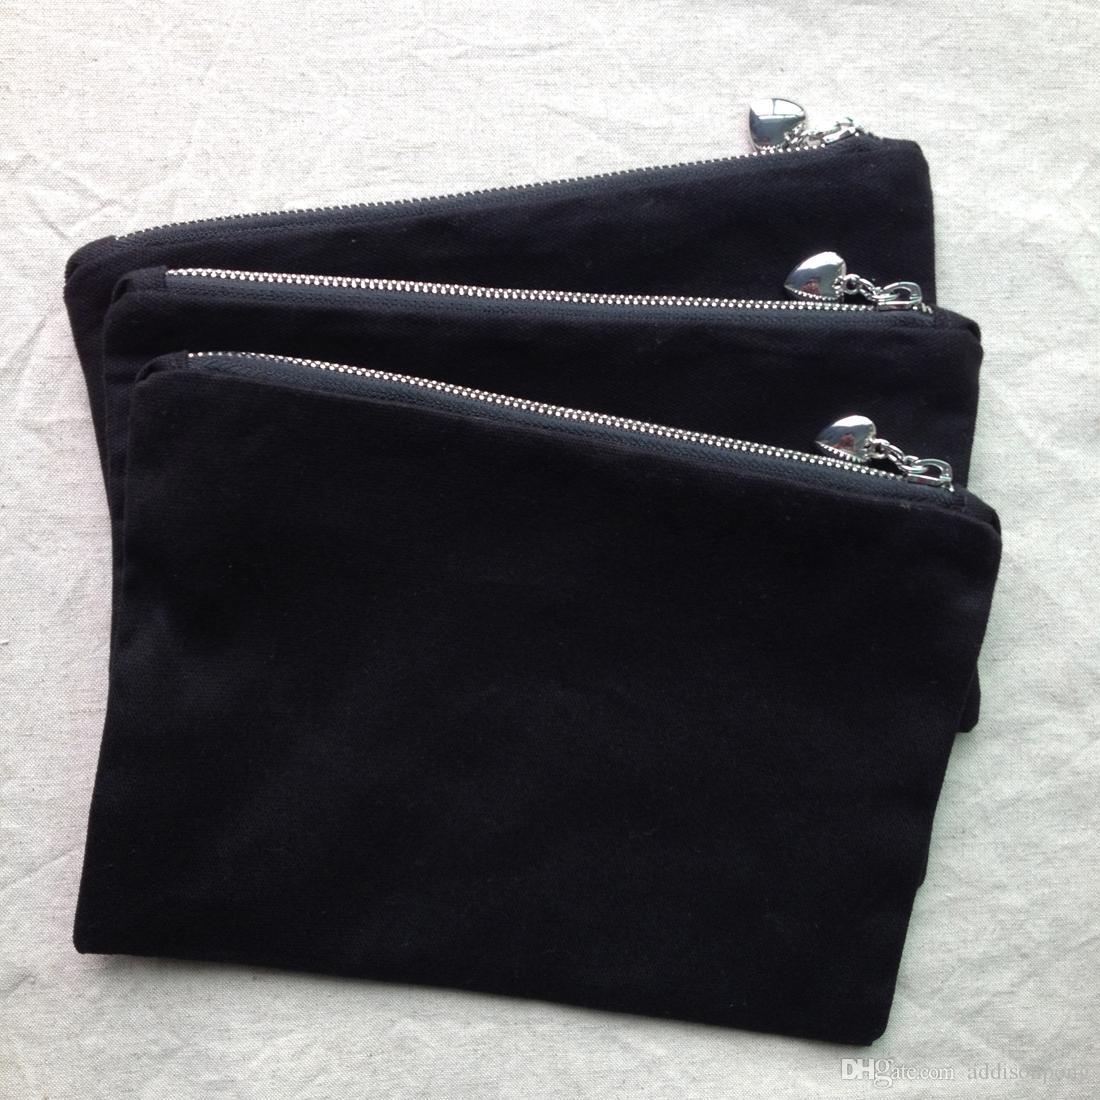 Großhandel Schwarze Baumwolle Leinwand Make Up Tasche Mit Passender Farbe Futter Top Qualität Silber Reißverschluss Mit Herz Puller Leer Baumwolle